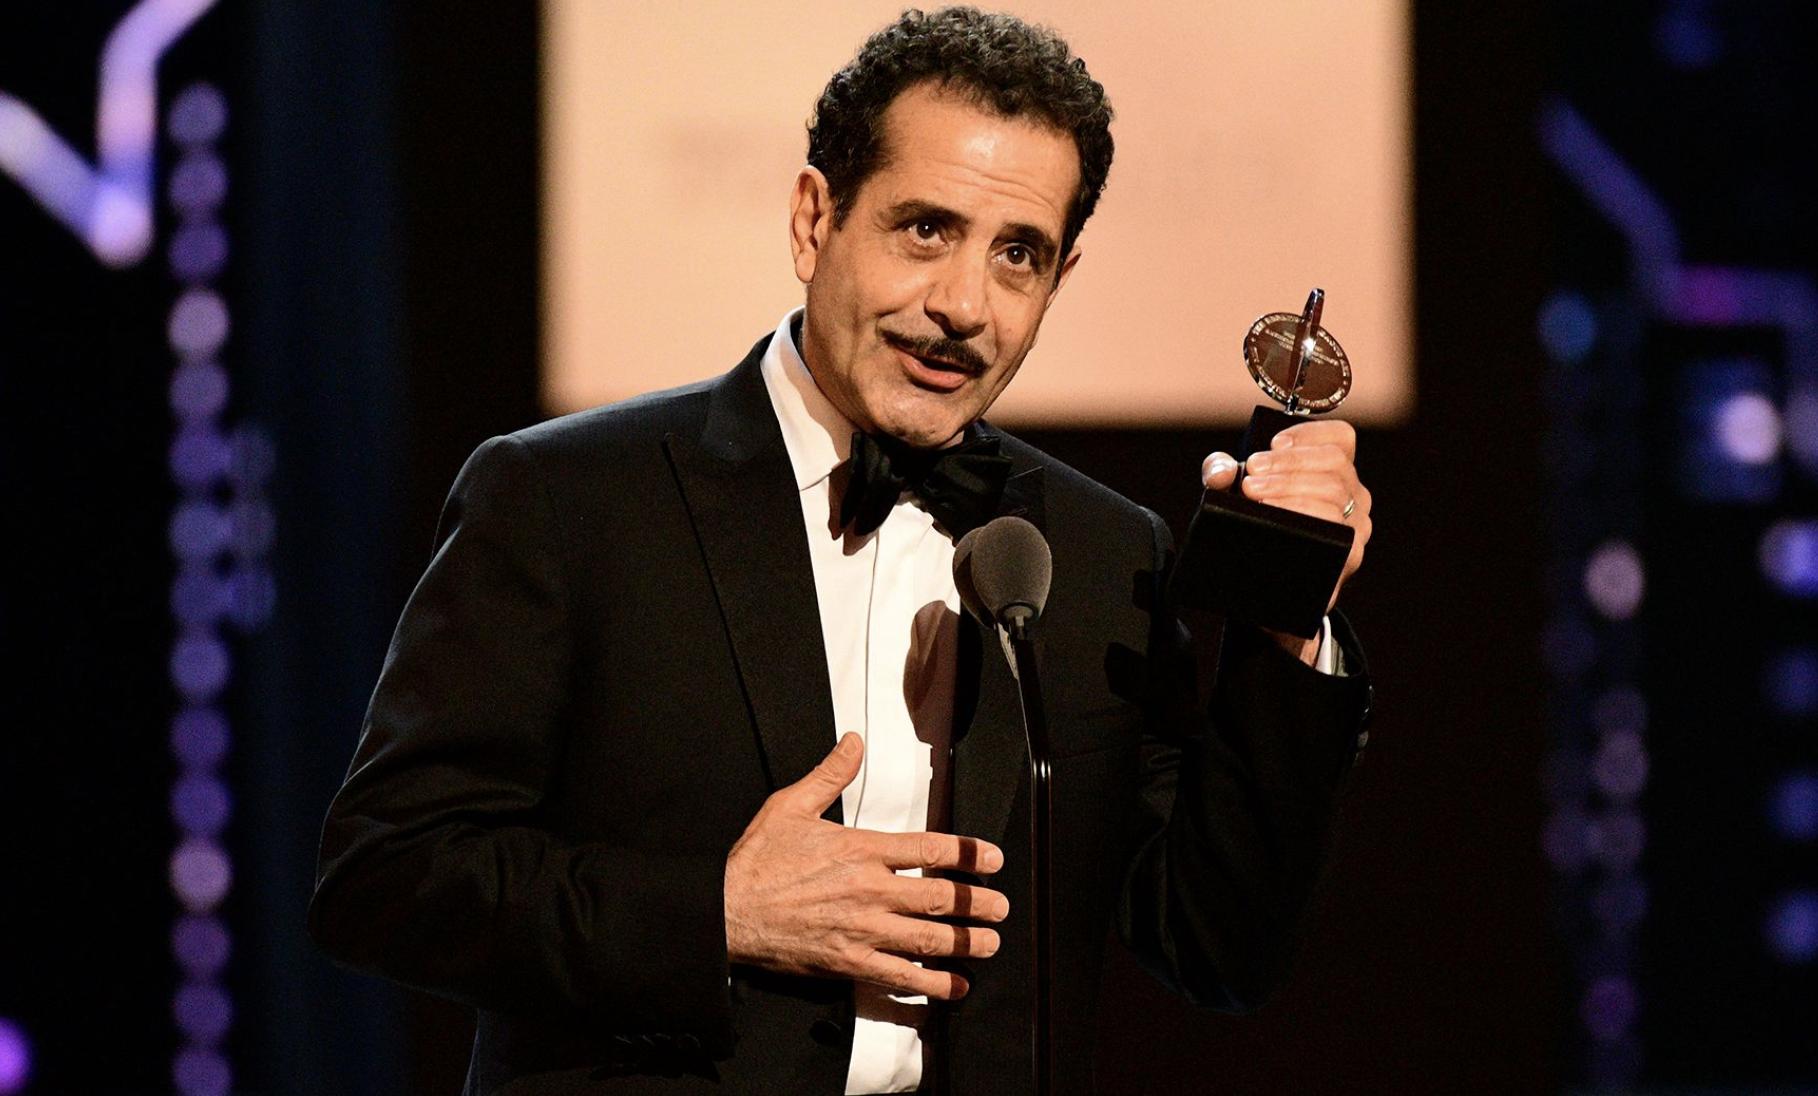 Tony Shalhoub winning his first Tony award in 2017